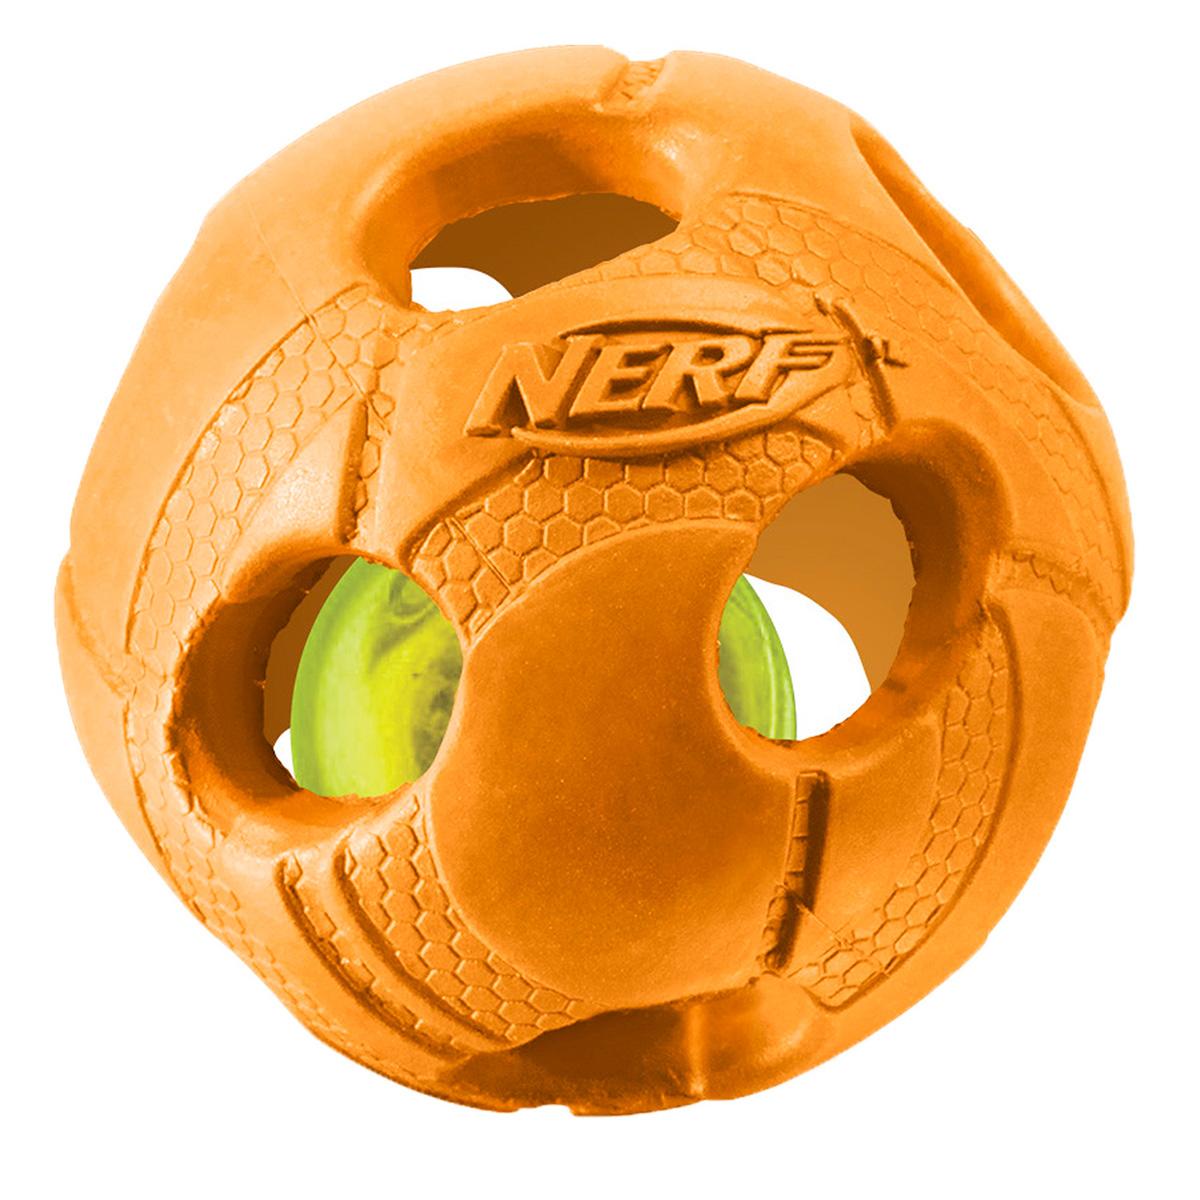 Игрушка для собак Nerf Мяч, светящийся, цвет: оранжевый, 9 см22620Мяч Nerf состоит из двух слоев прочной резины с отверстиями и LED-лампой внутри.LED при ударе начинает мигать, что приводит собаку в восторг, вдохновляя на игру.Оптимально для игры в темное время суток.Подходит собакам с мощной челюстью.Мяч имеет интересный рельефный рисунок.Диаметр: 9 см.